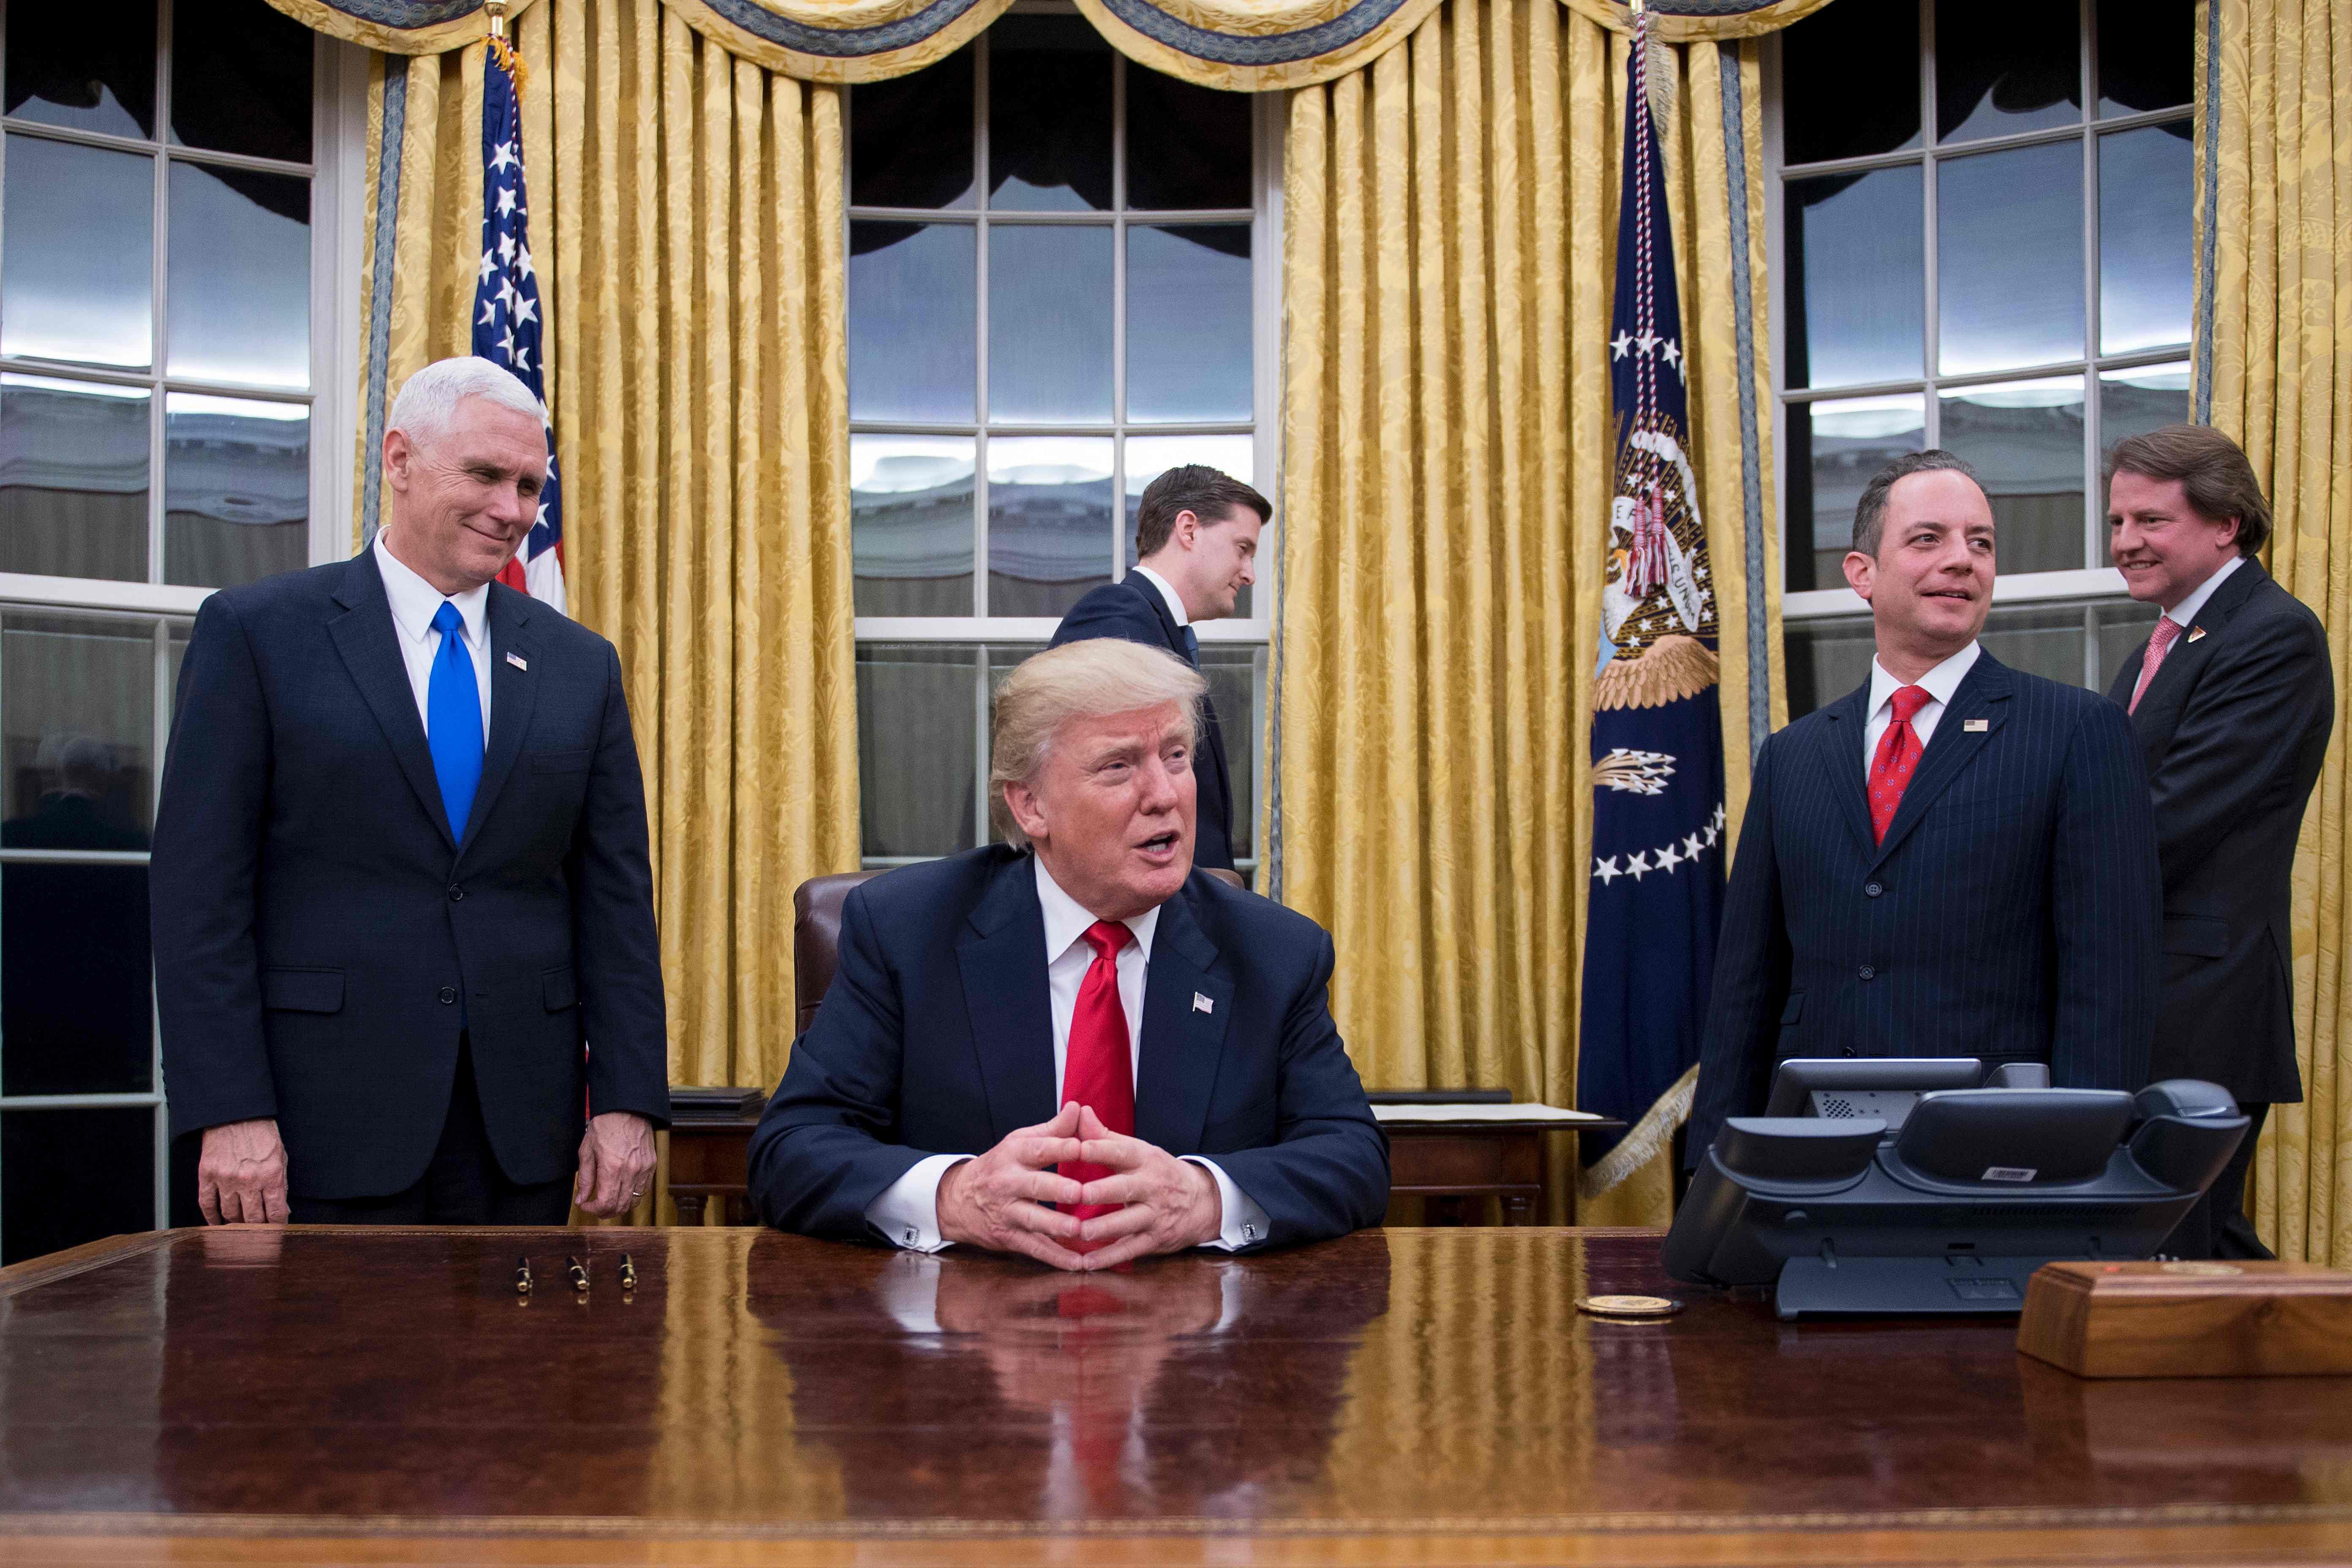 ترامب يتحدث للصحفيين قبل اعتماد تعيين جيمس ماتيس وزيرا للدفاع